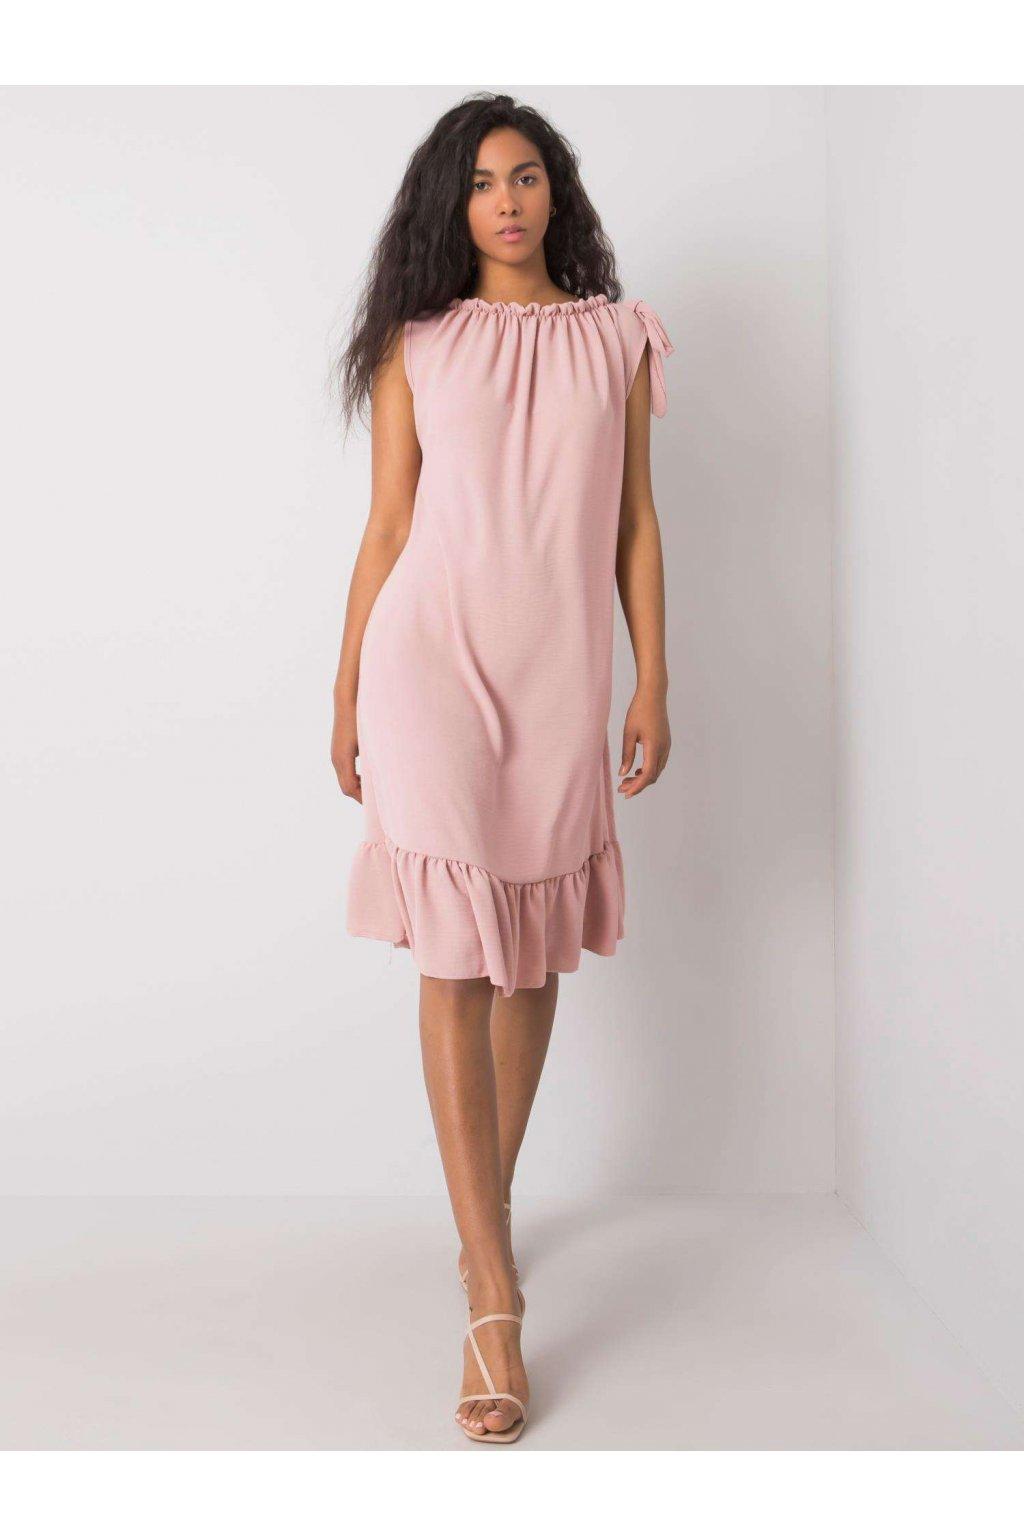 pol pl Brudnorozowa sukienka z falbana Domenica 364628 1